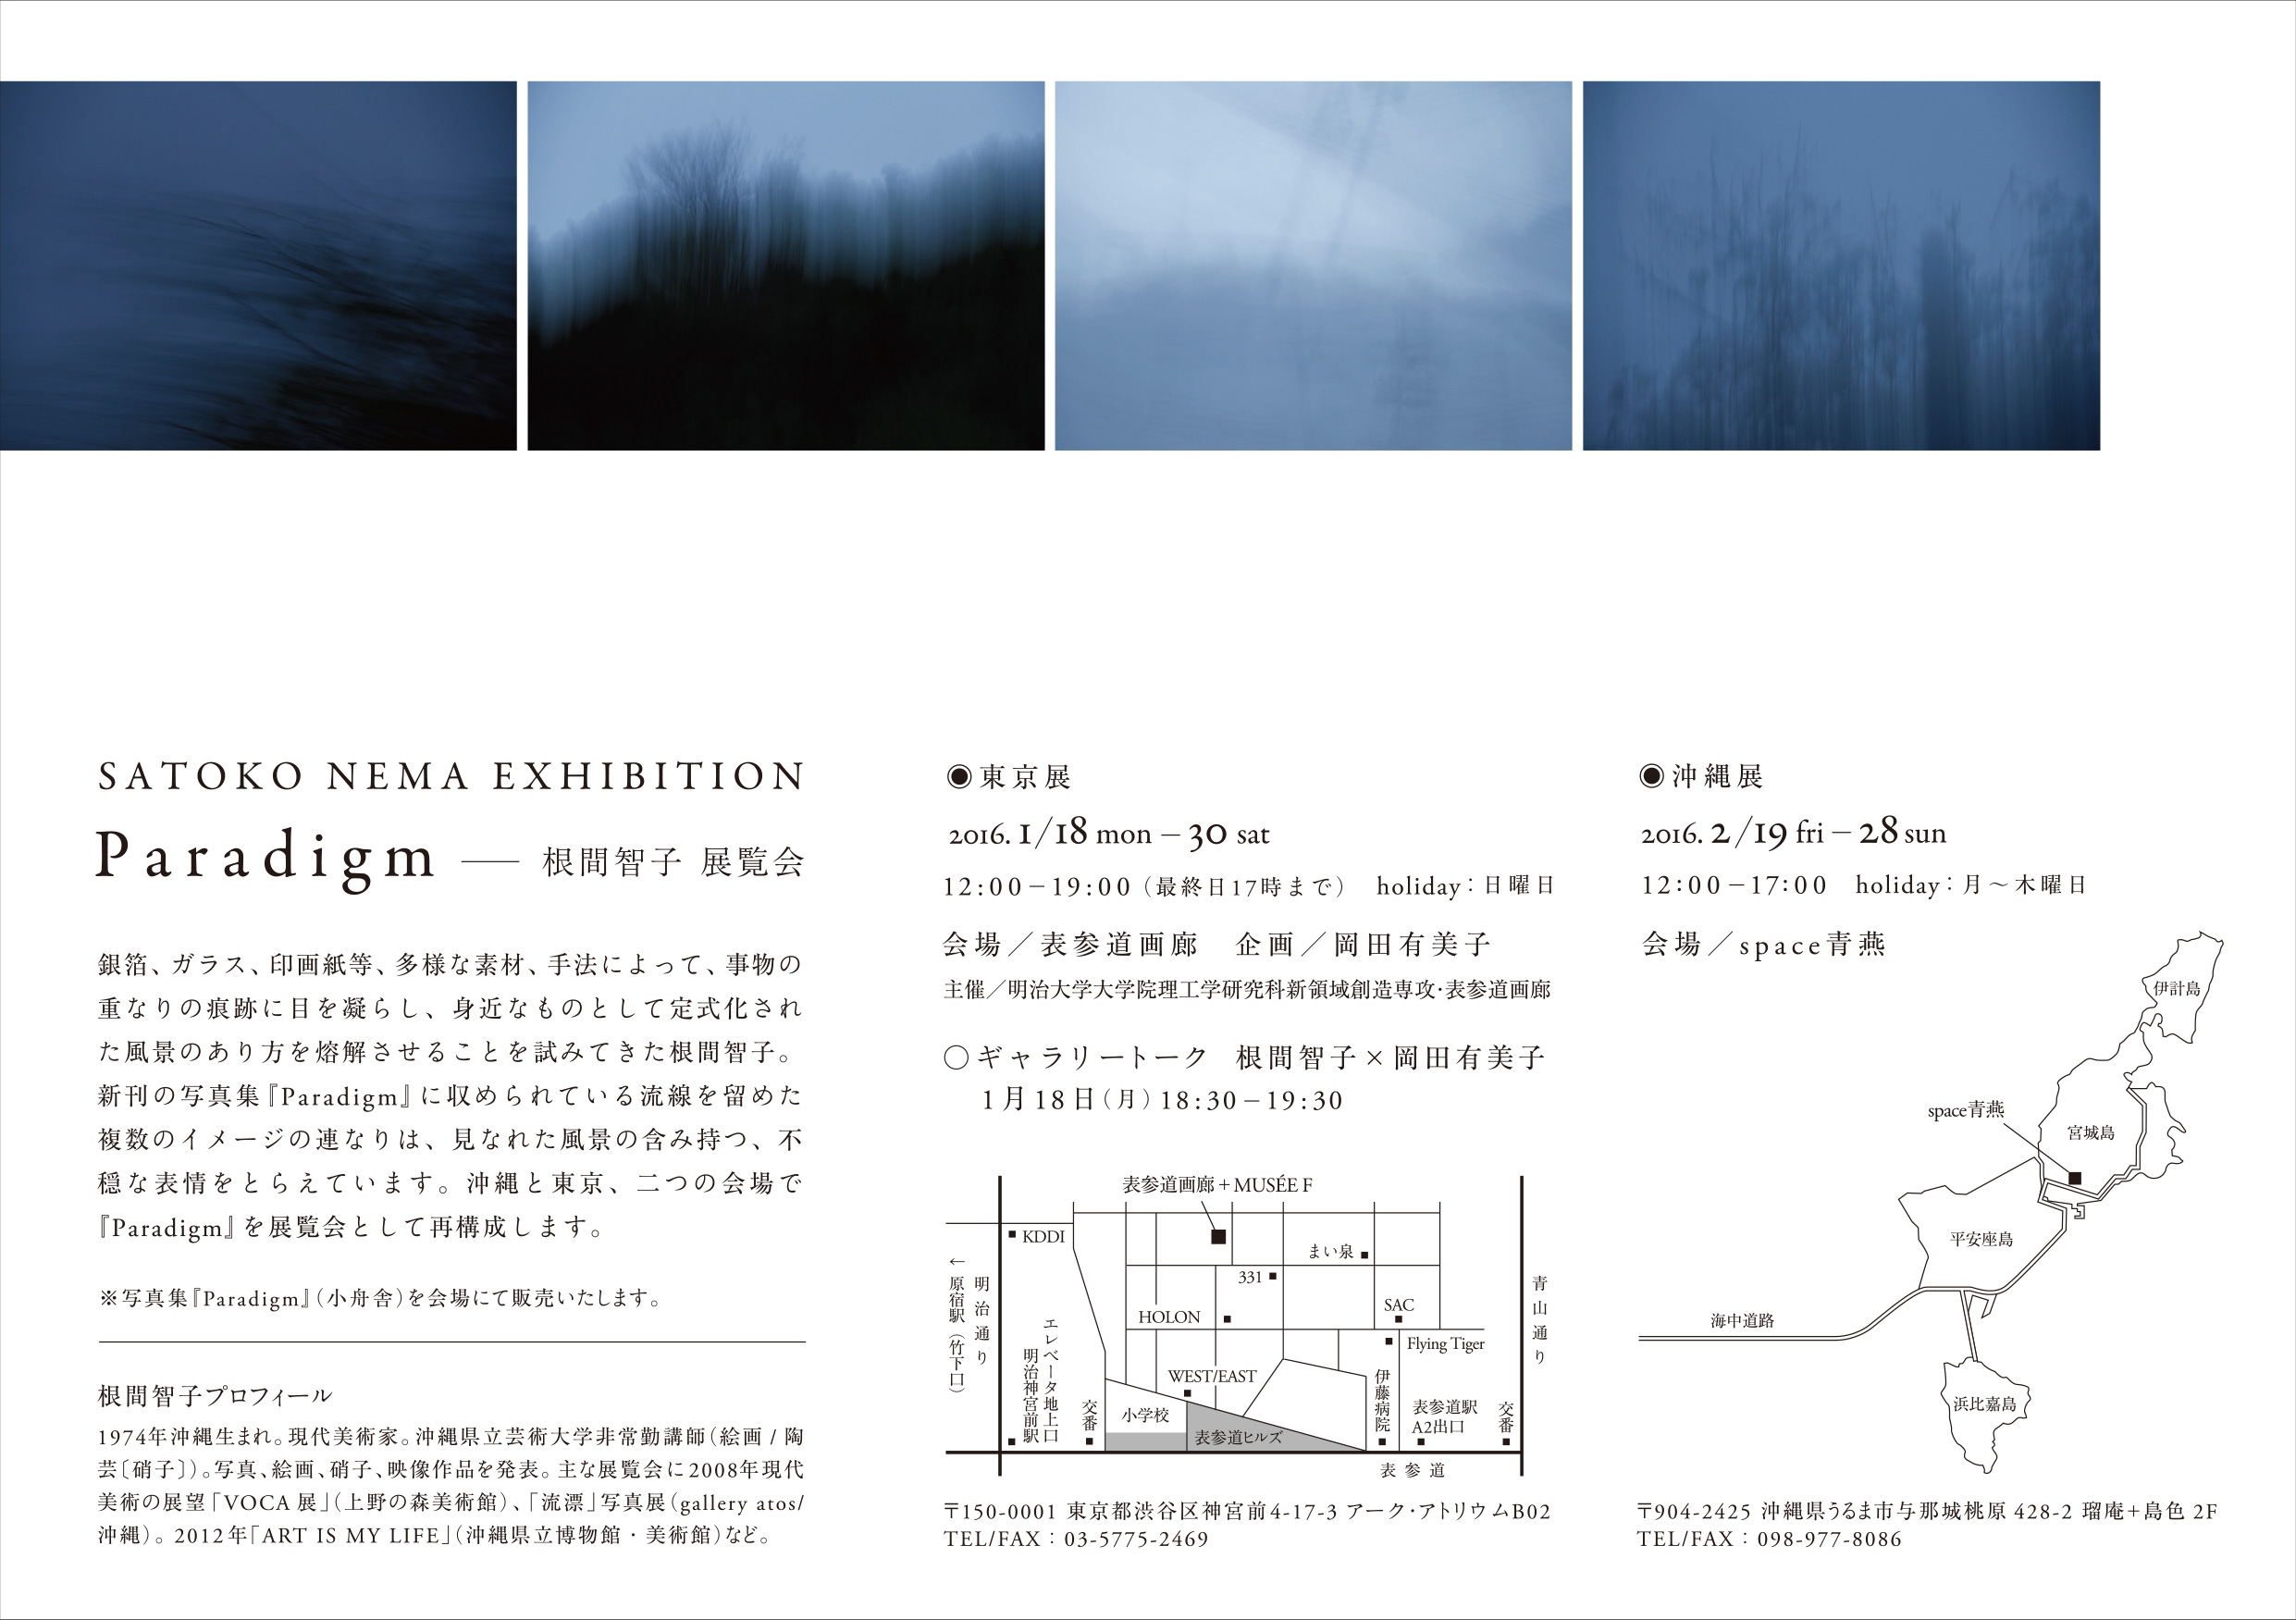 根間智子写真展『Paradigm』詳細情報